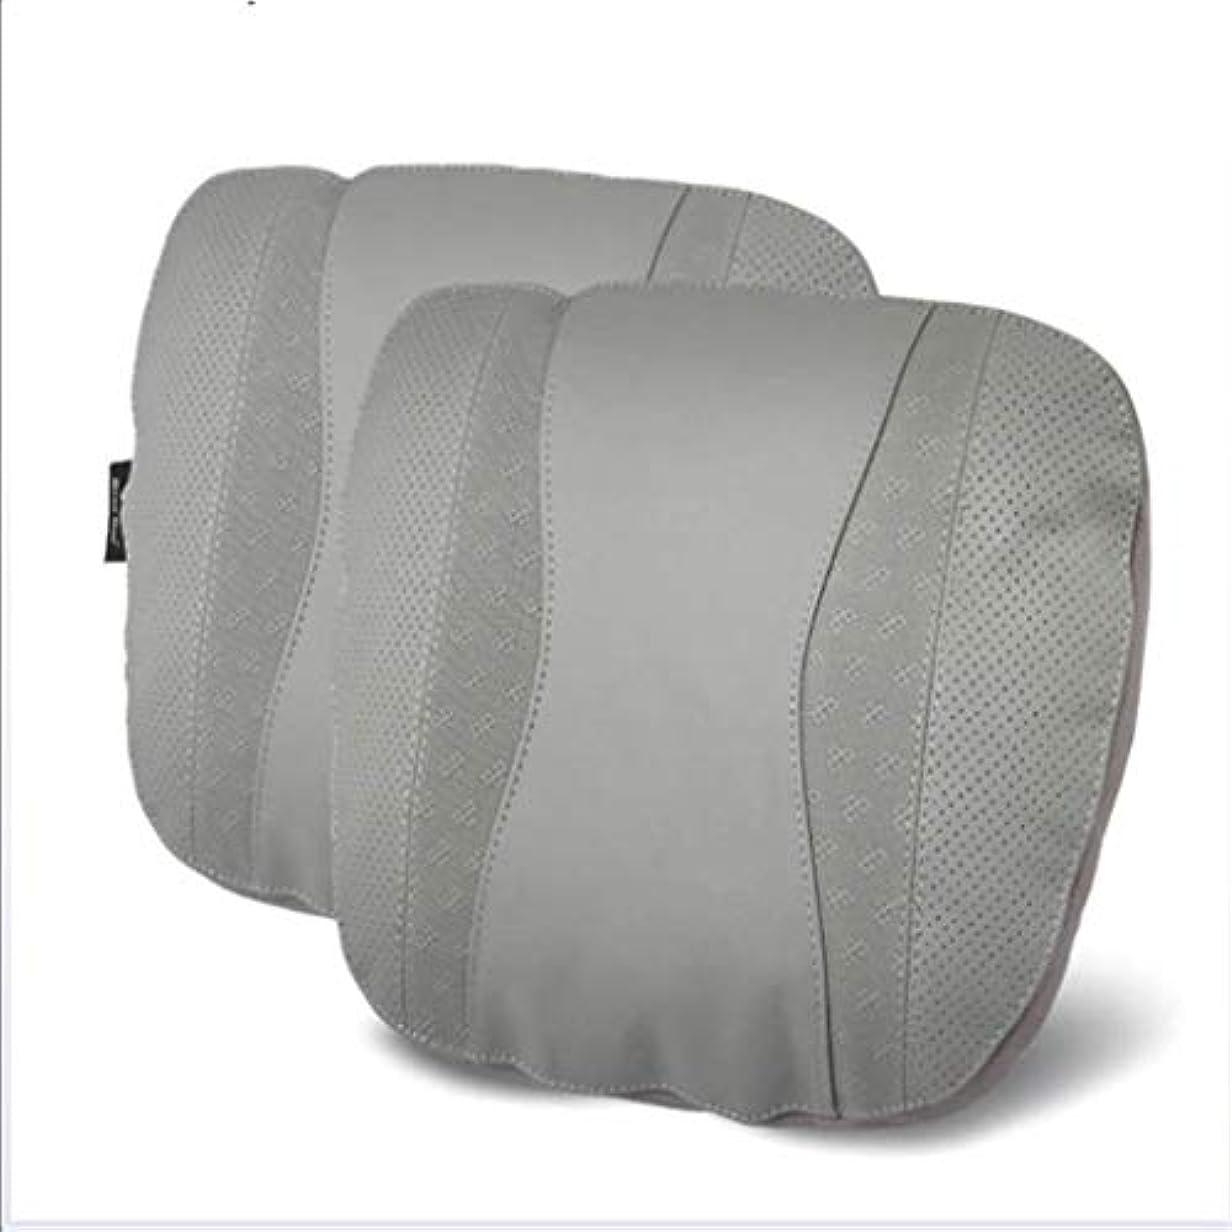 剥離チャンバー緩やかなネックピロー、カーシートネックピロー、トラベルピローネックパッド、カーネックピローサポートピローとして使用、航空機のネックピロー、首の疲れを和らげる (Color : Gray)